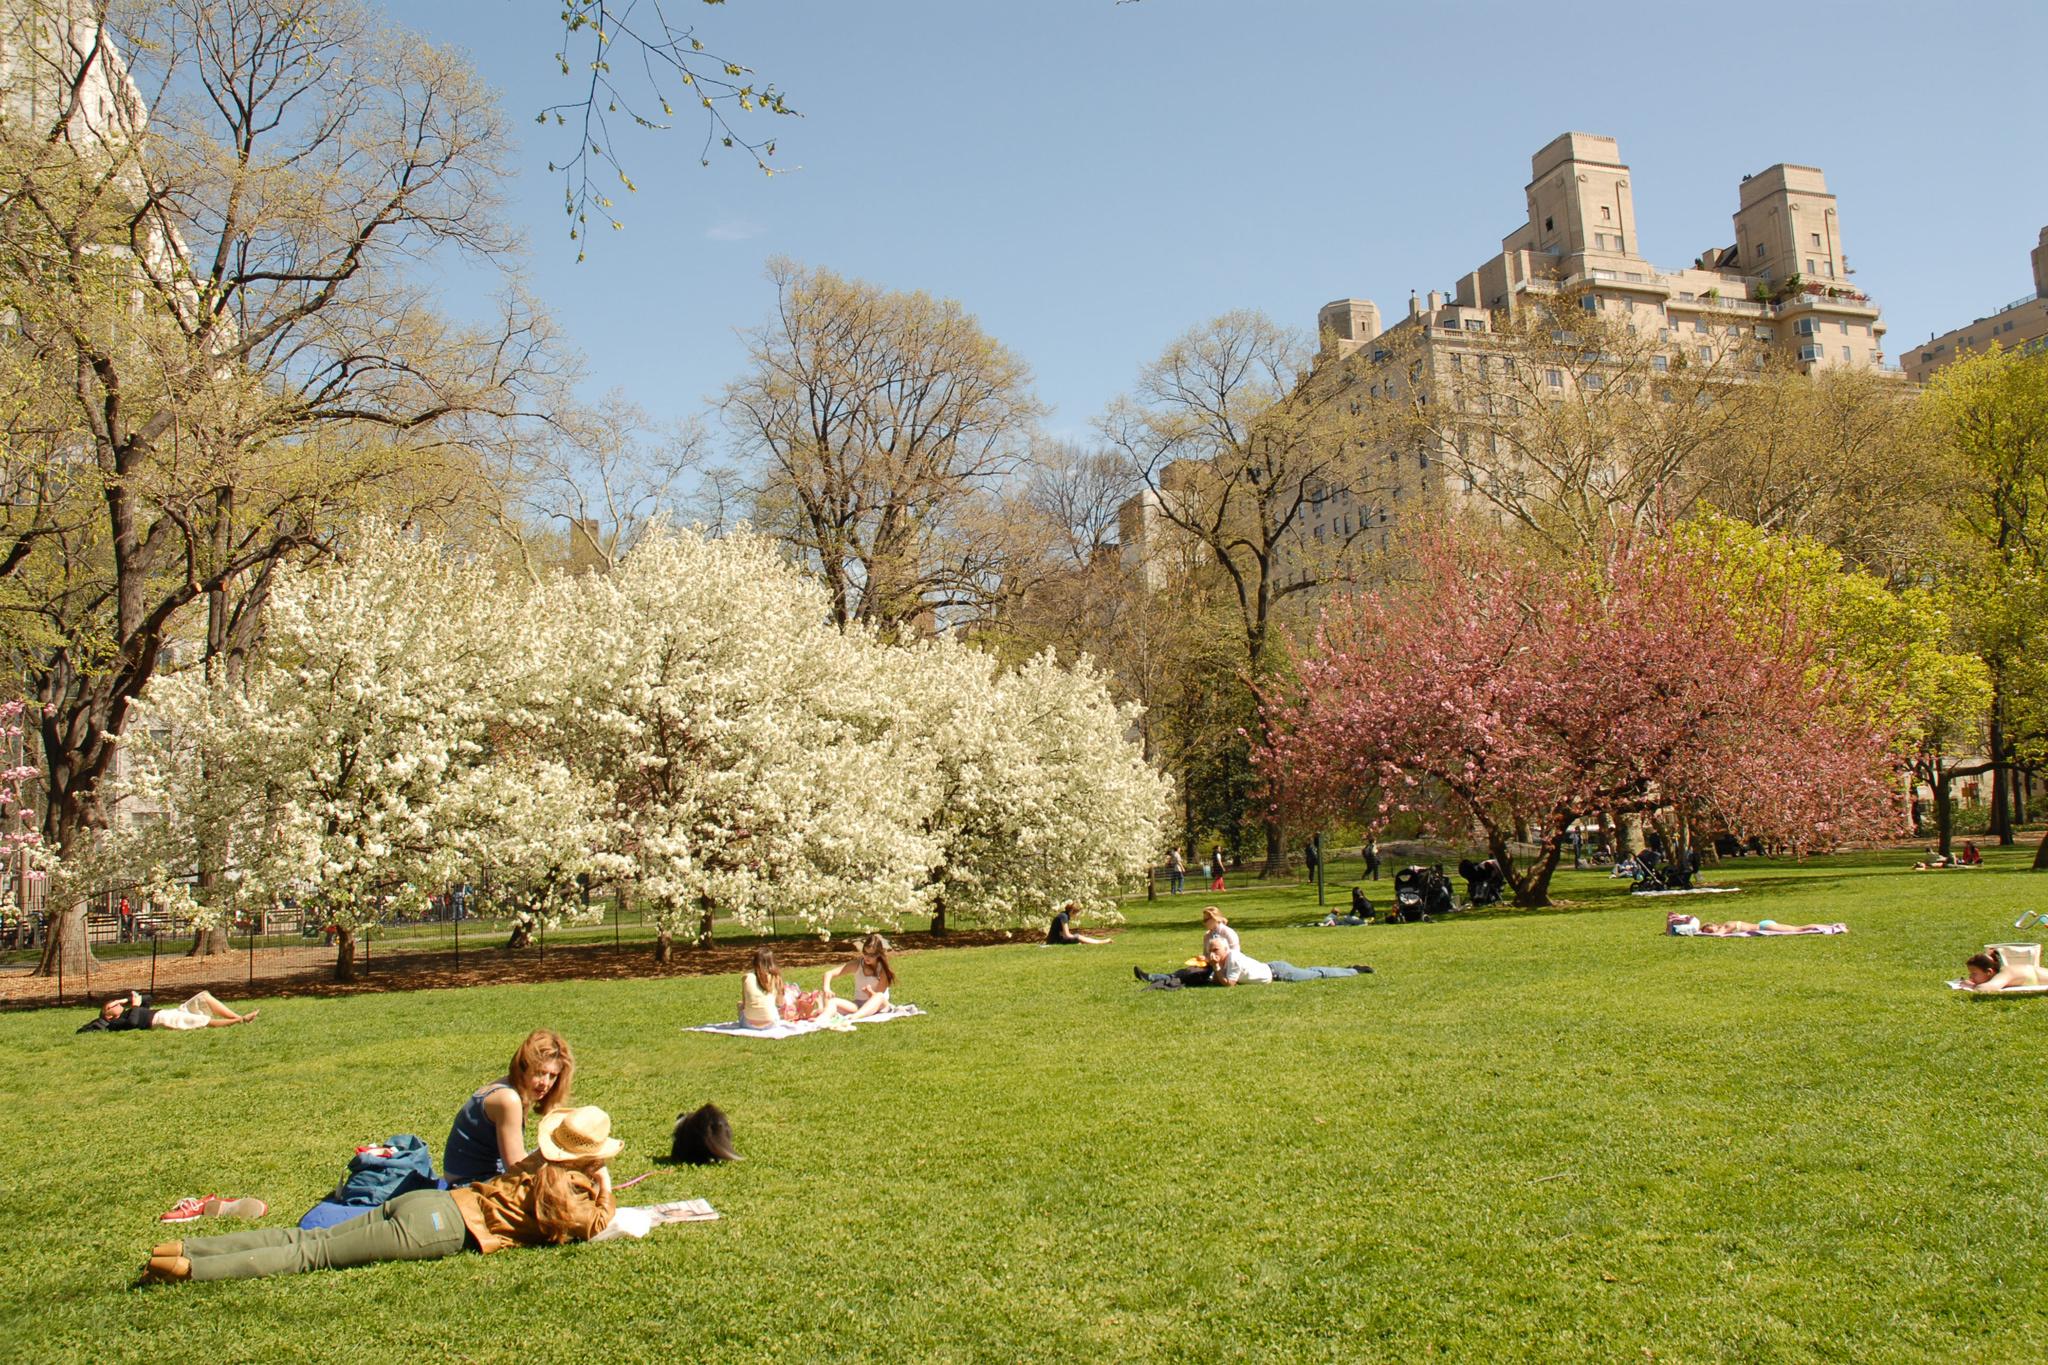 Picnic spots in Central Park